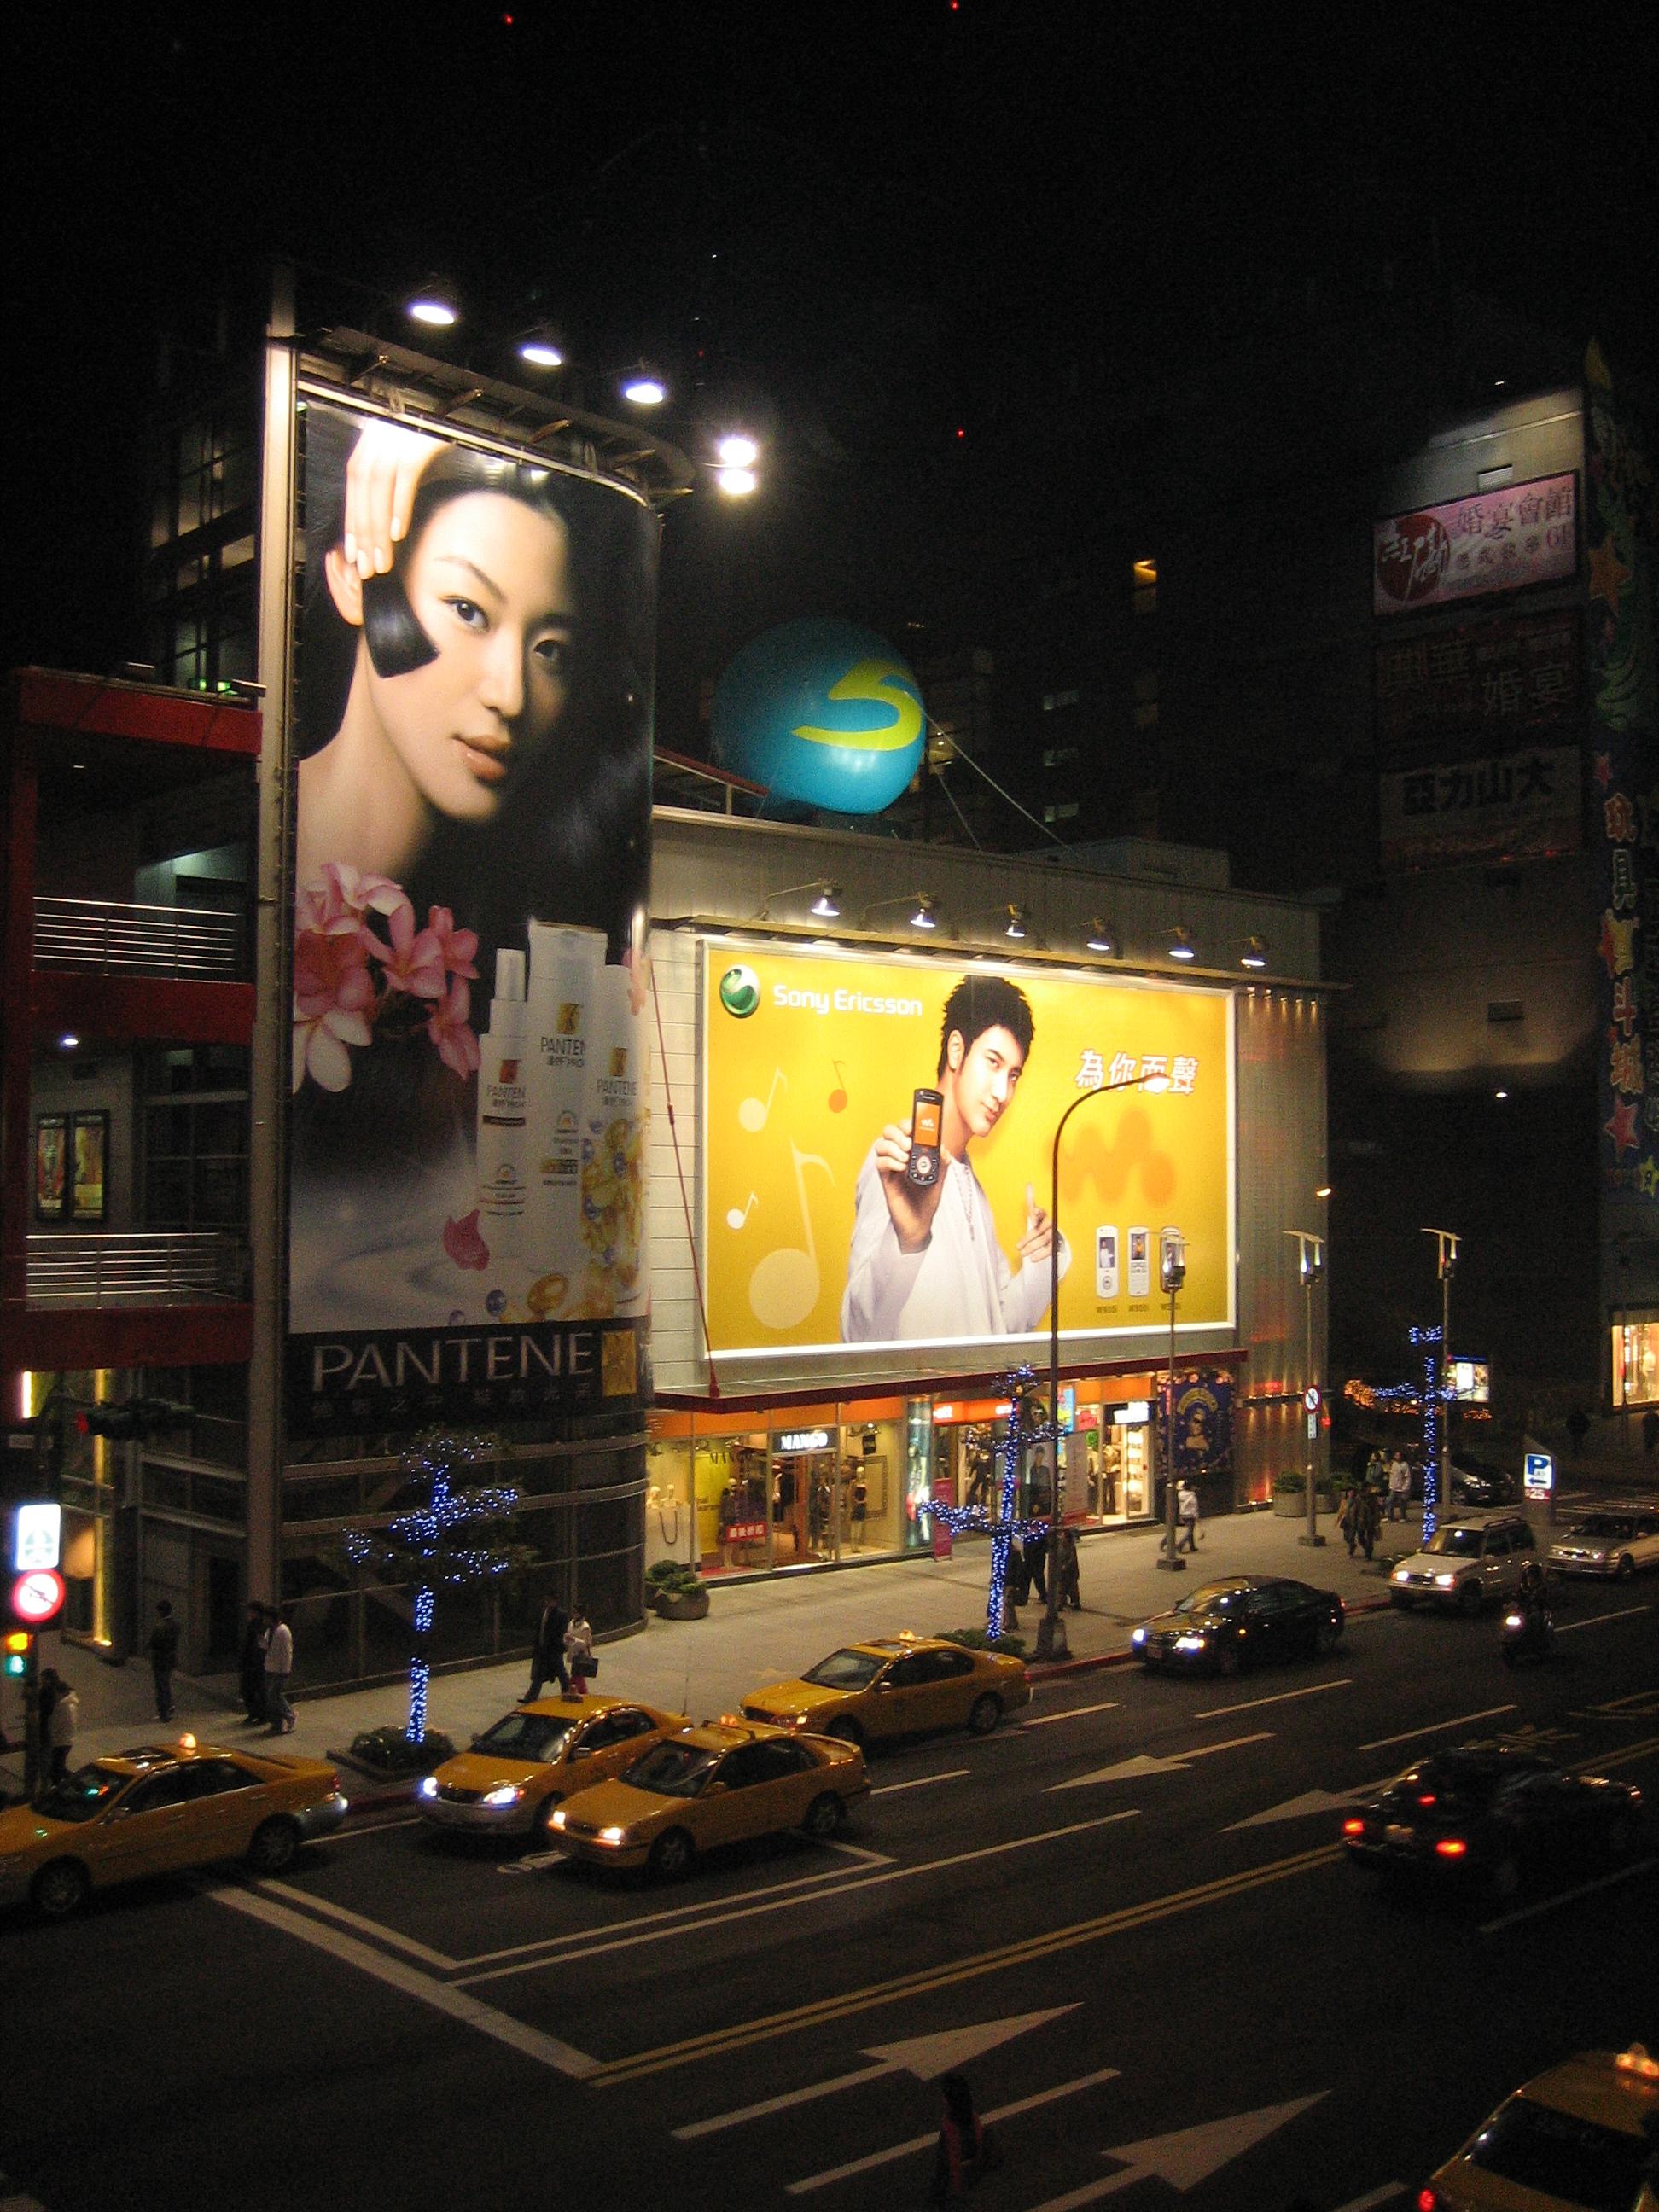 Movie theater near Taipei 101